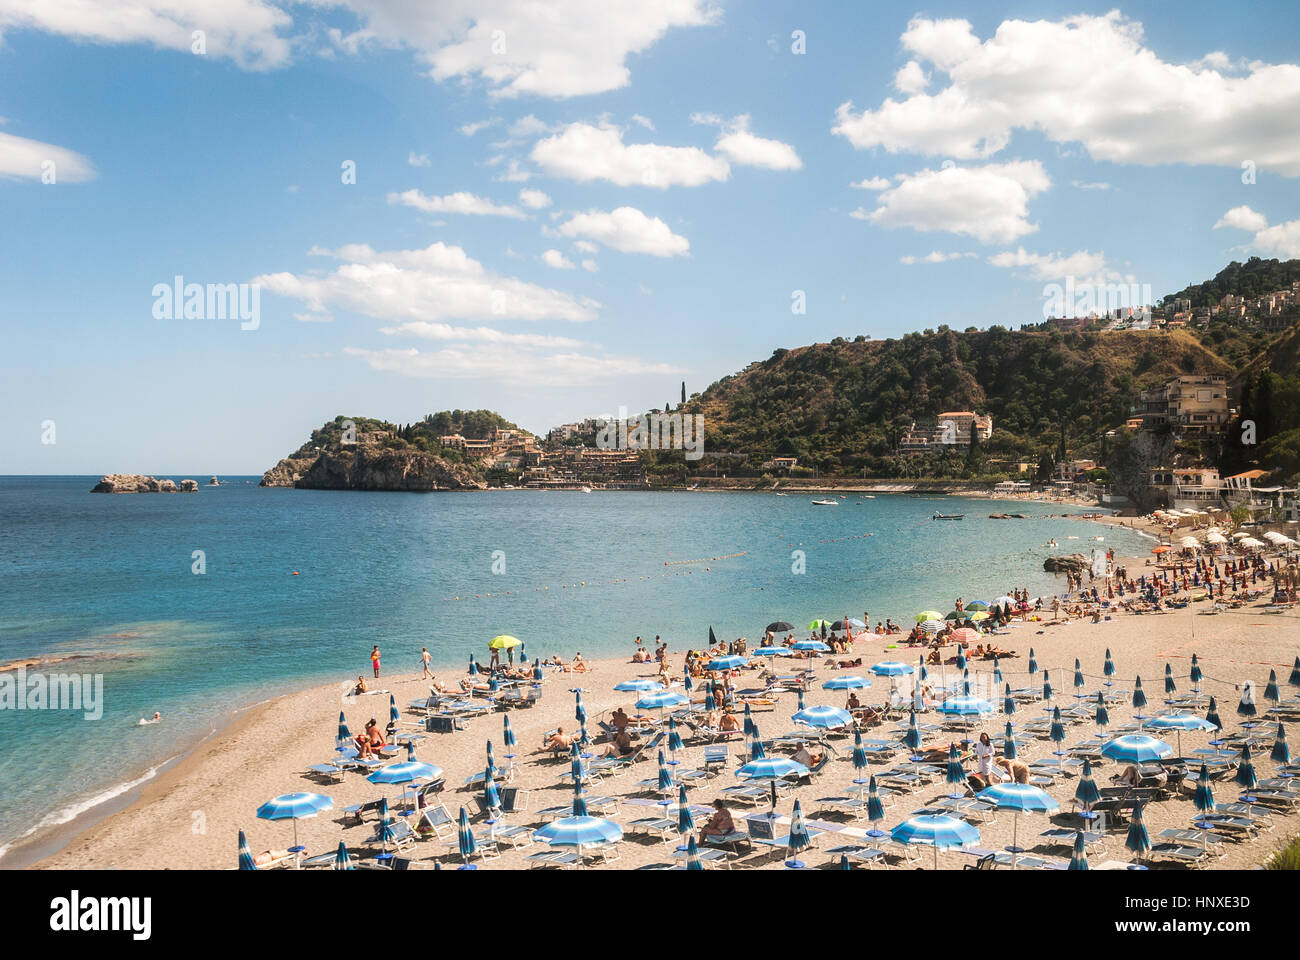 Spiaggia vicino Taormina (Sicilia) durante la stagione estiva Immagini Stock